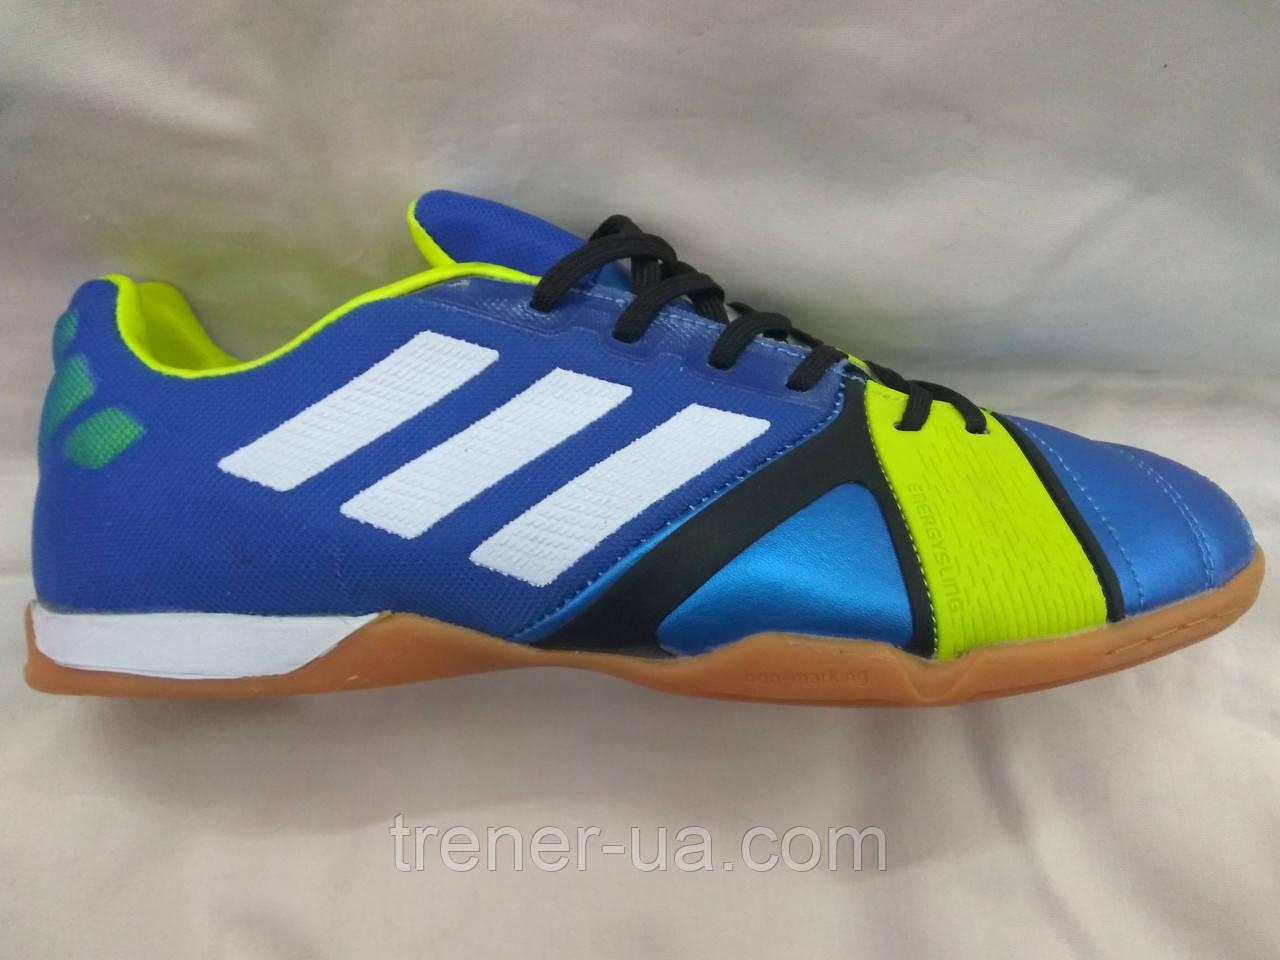 e13863fabbf4 Футзальная обувь Adidas Nitrocharge 1.0 - Интернет магазин футбольной  атрибутики и аксессуаров в Хмельницком